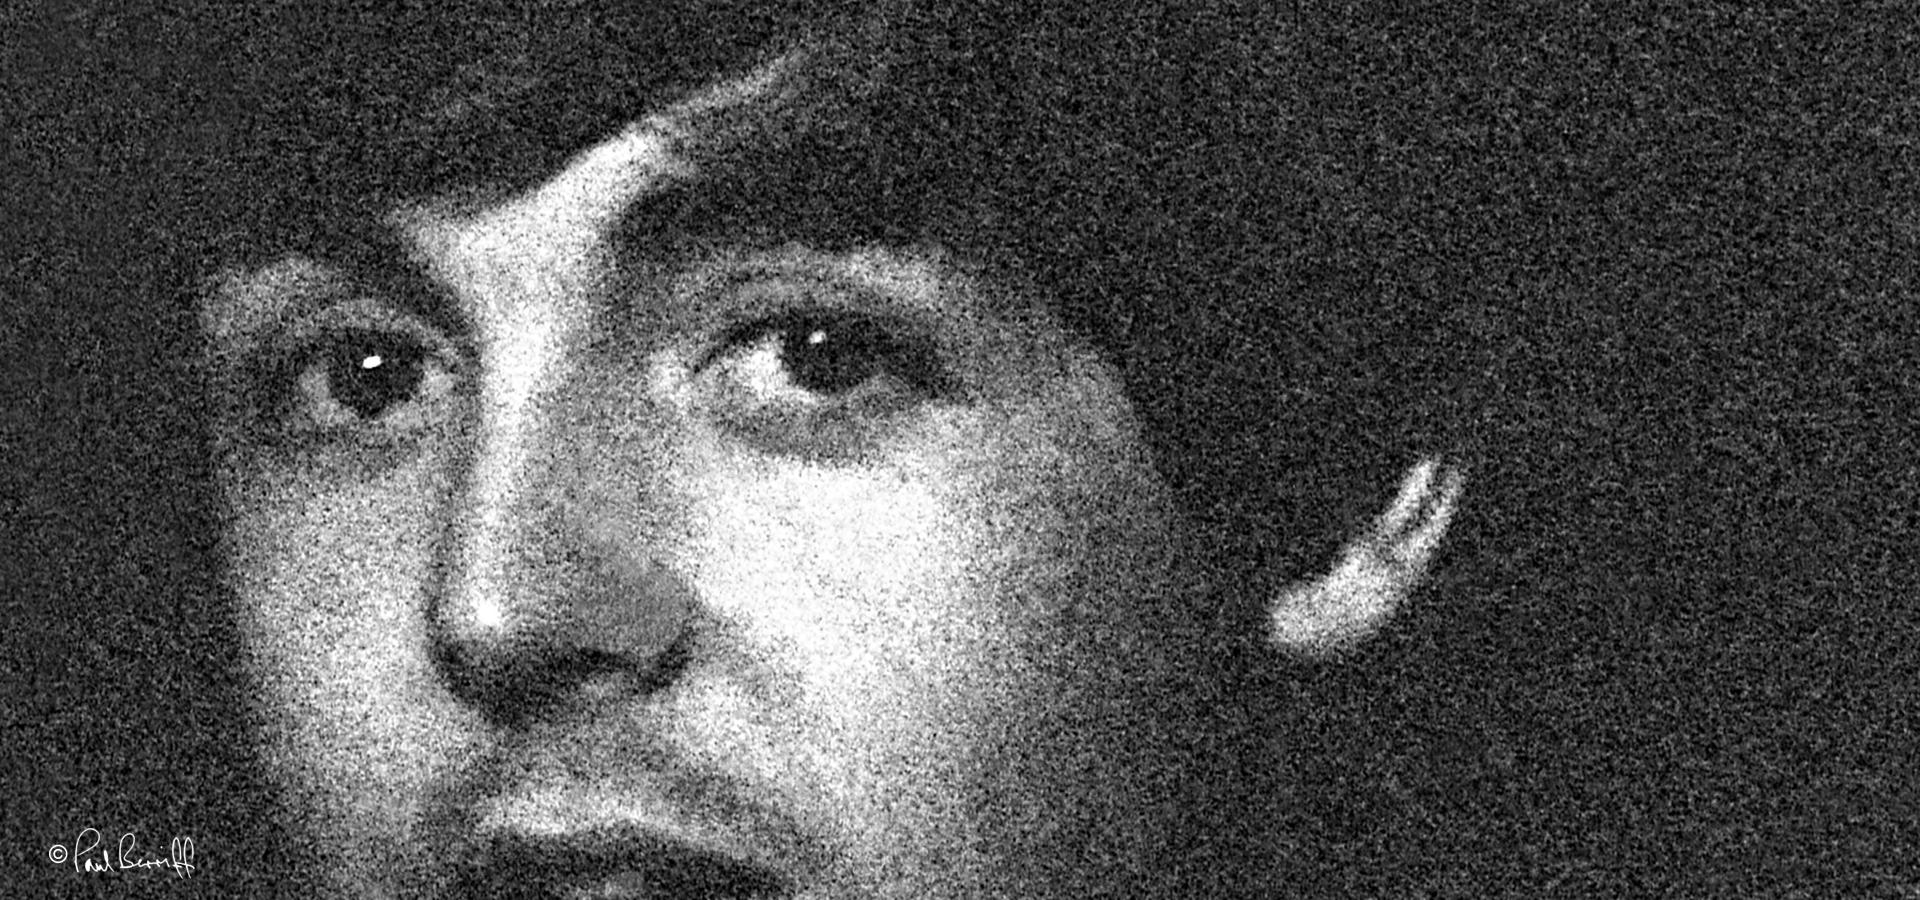 Drake's Drum: the McCartney family horse